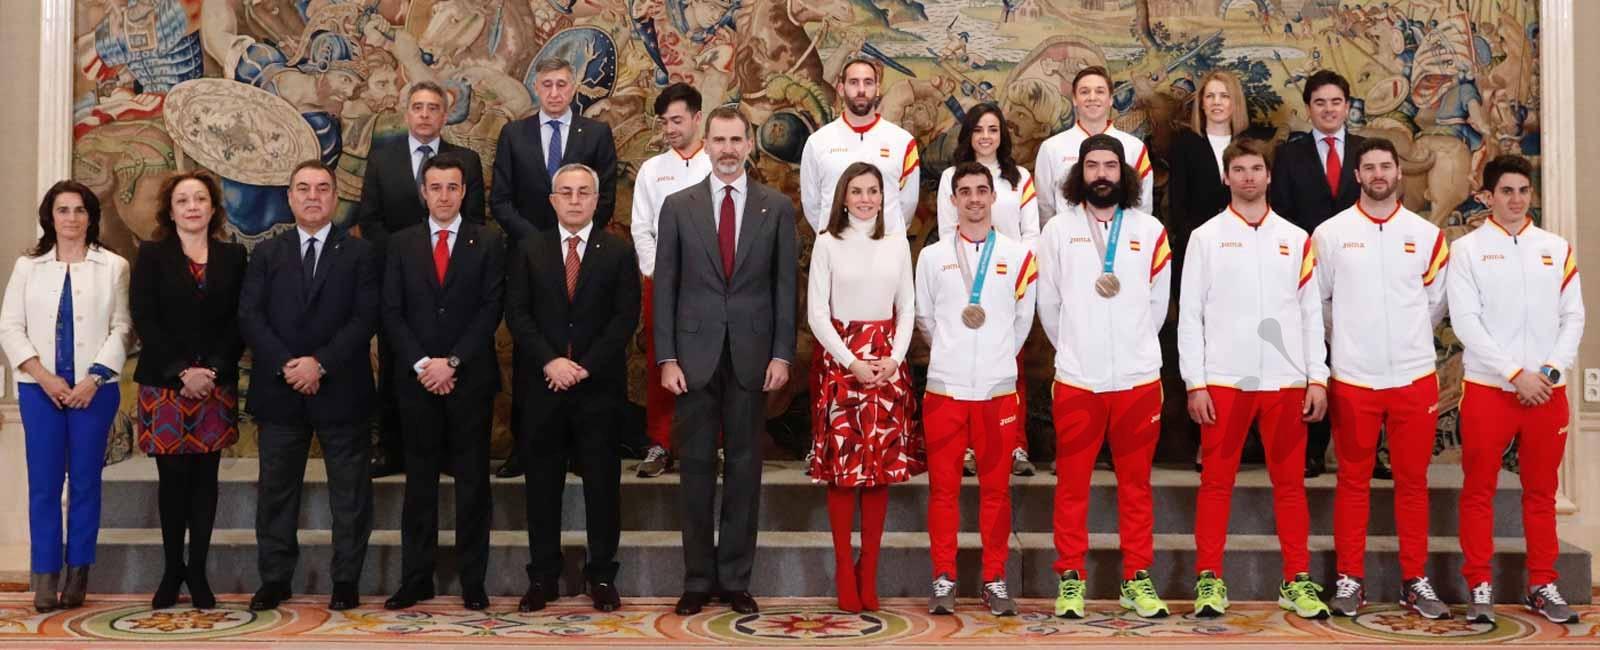 Los Reyes felicitan al equipo olímpico español de PyeongChang 2018